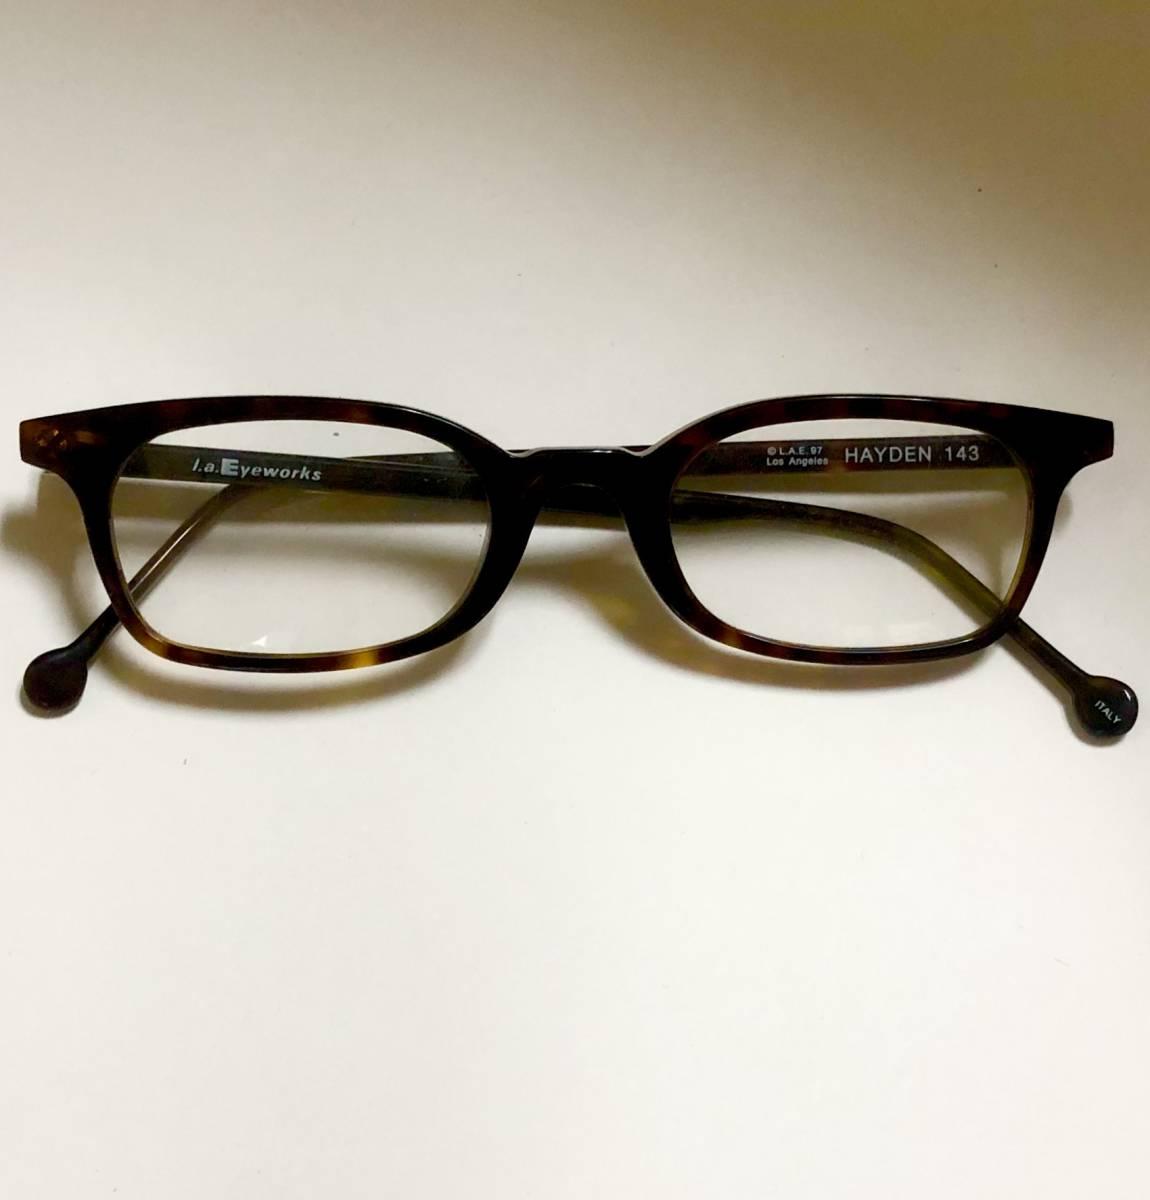 ビンテージ・未使用】1990年代 l.a. Eyeworks イタリア製 べっ甲色 高級メガネ エルエーアイワークス /ヴィンテージ 米国ブランド_画像1